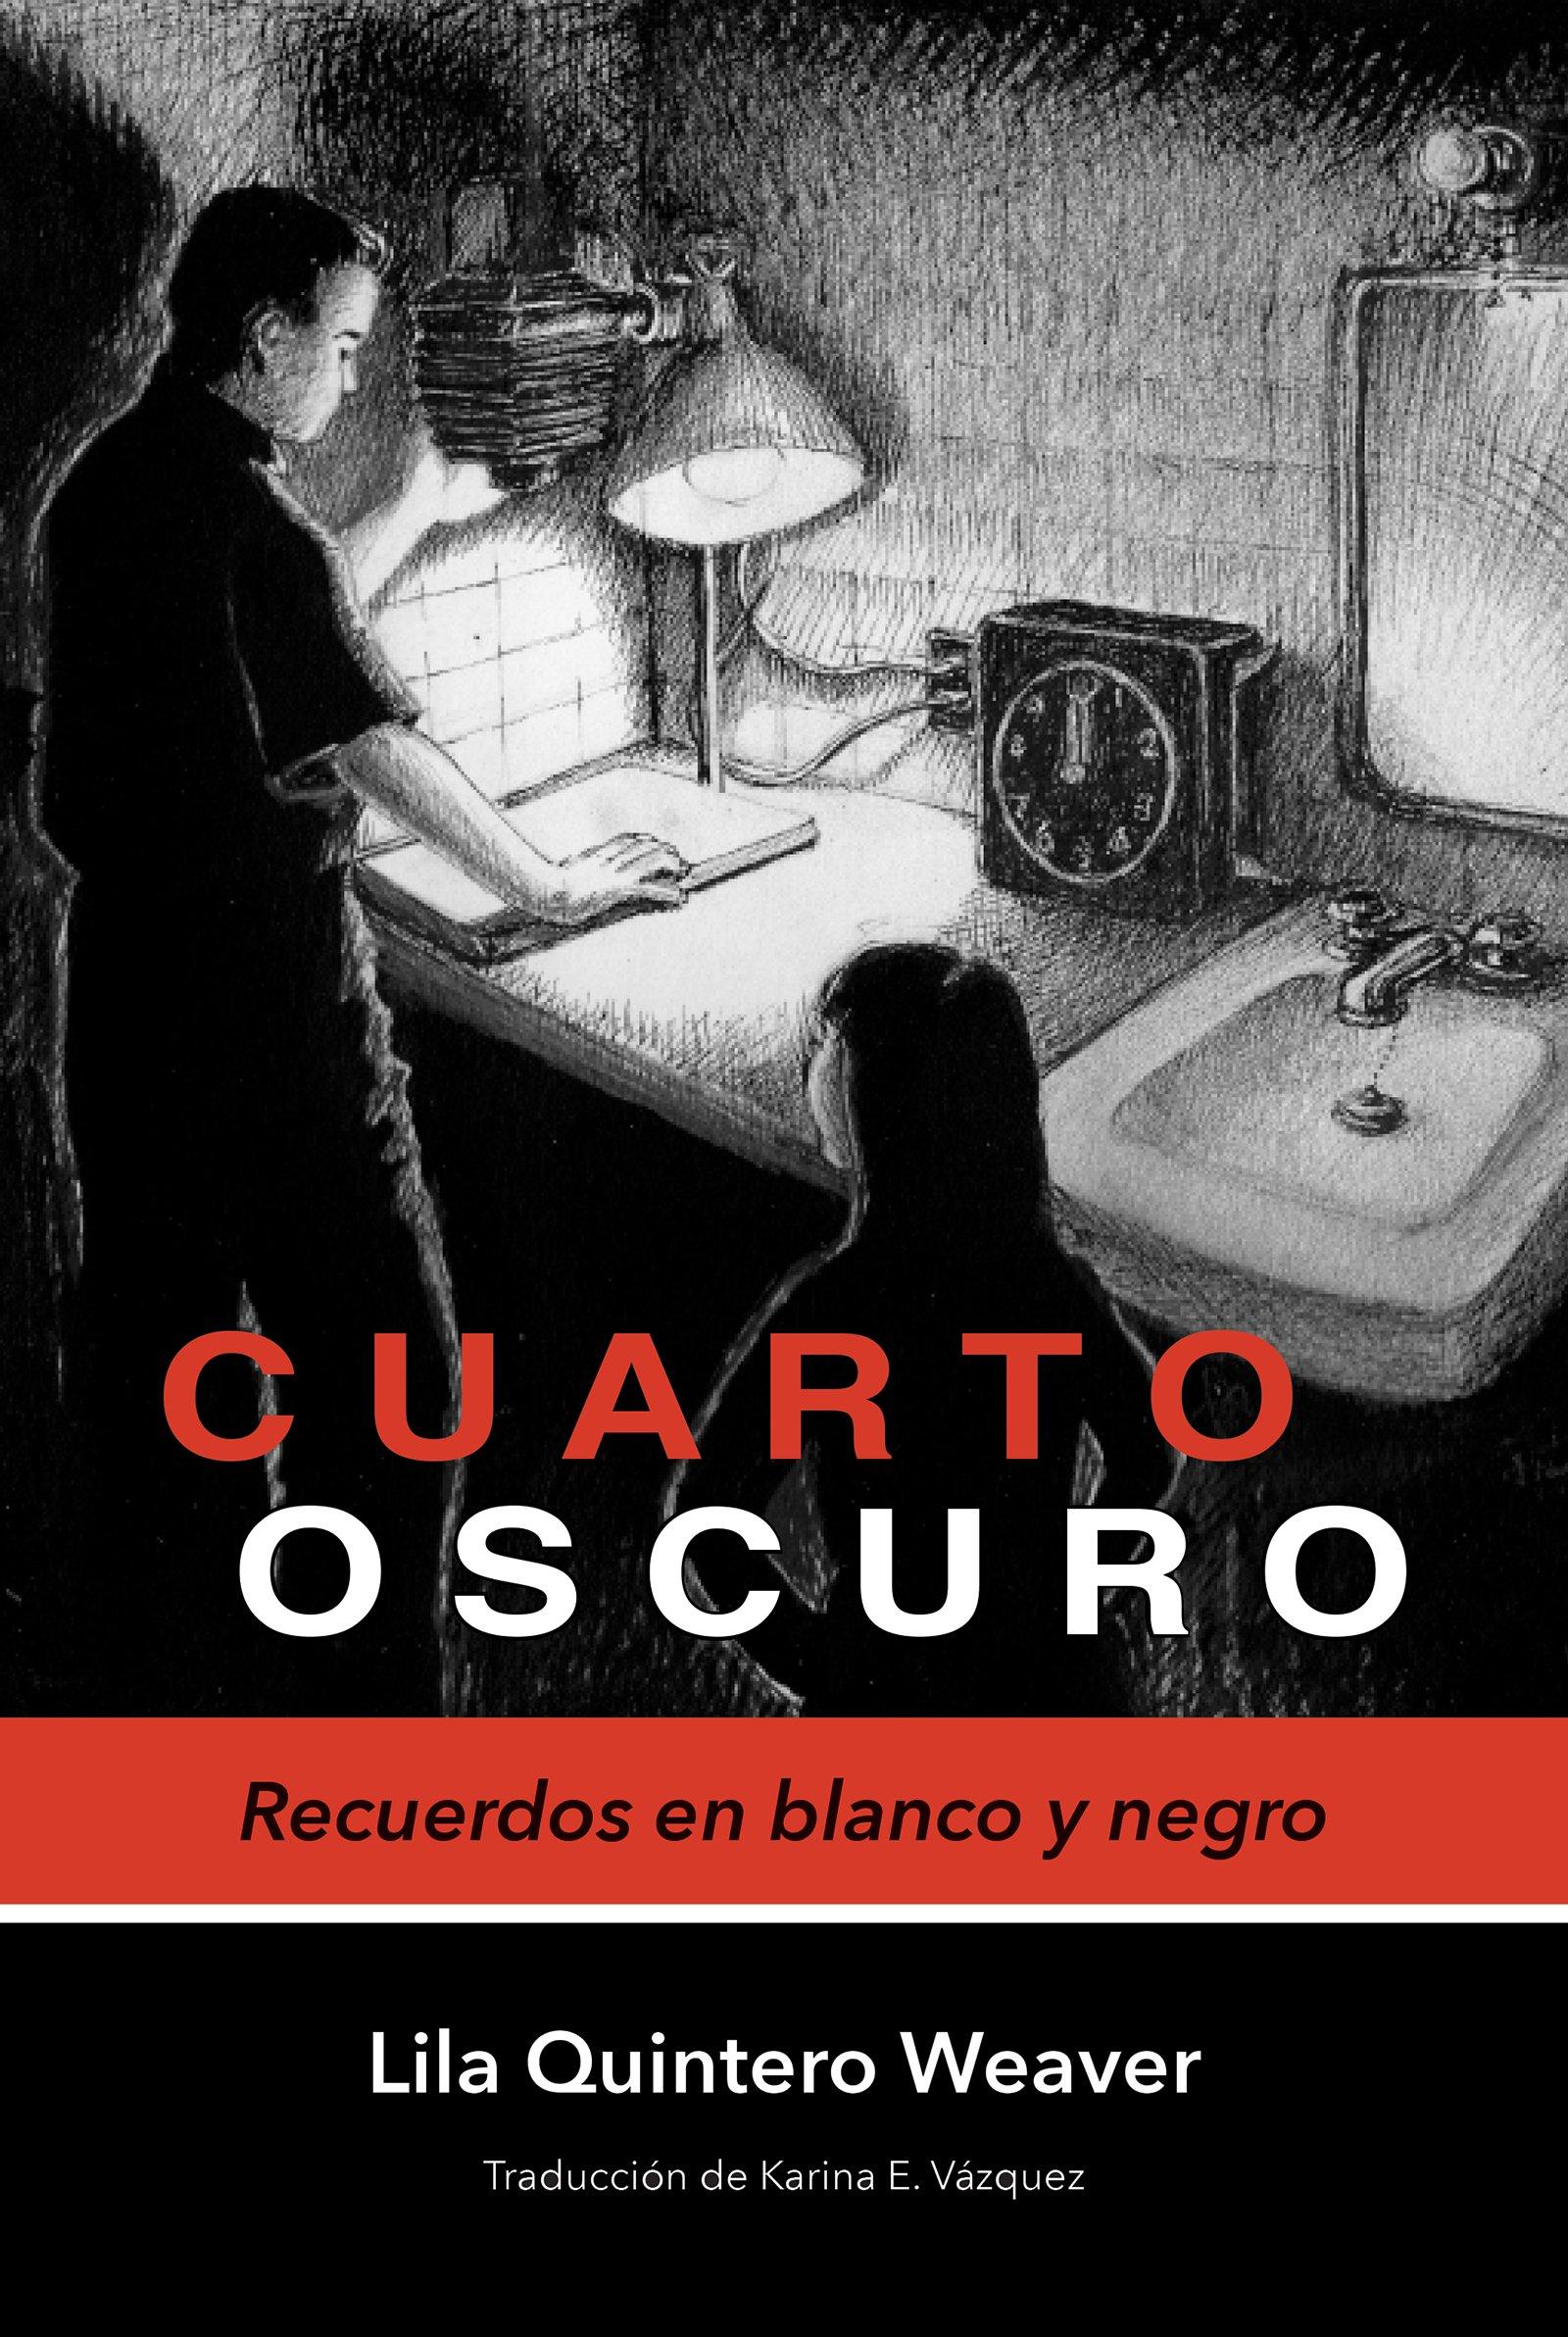 Cuarto oscuro: Recuerdos en blanco y negro (Spanish Edition ...